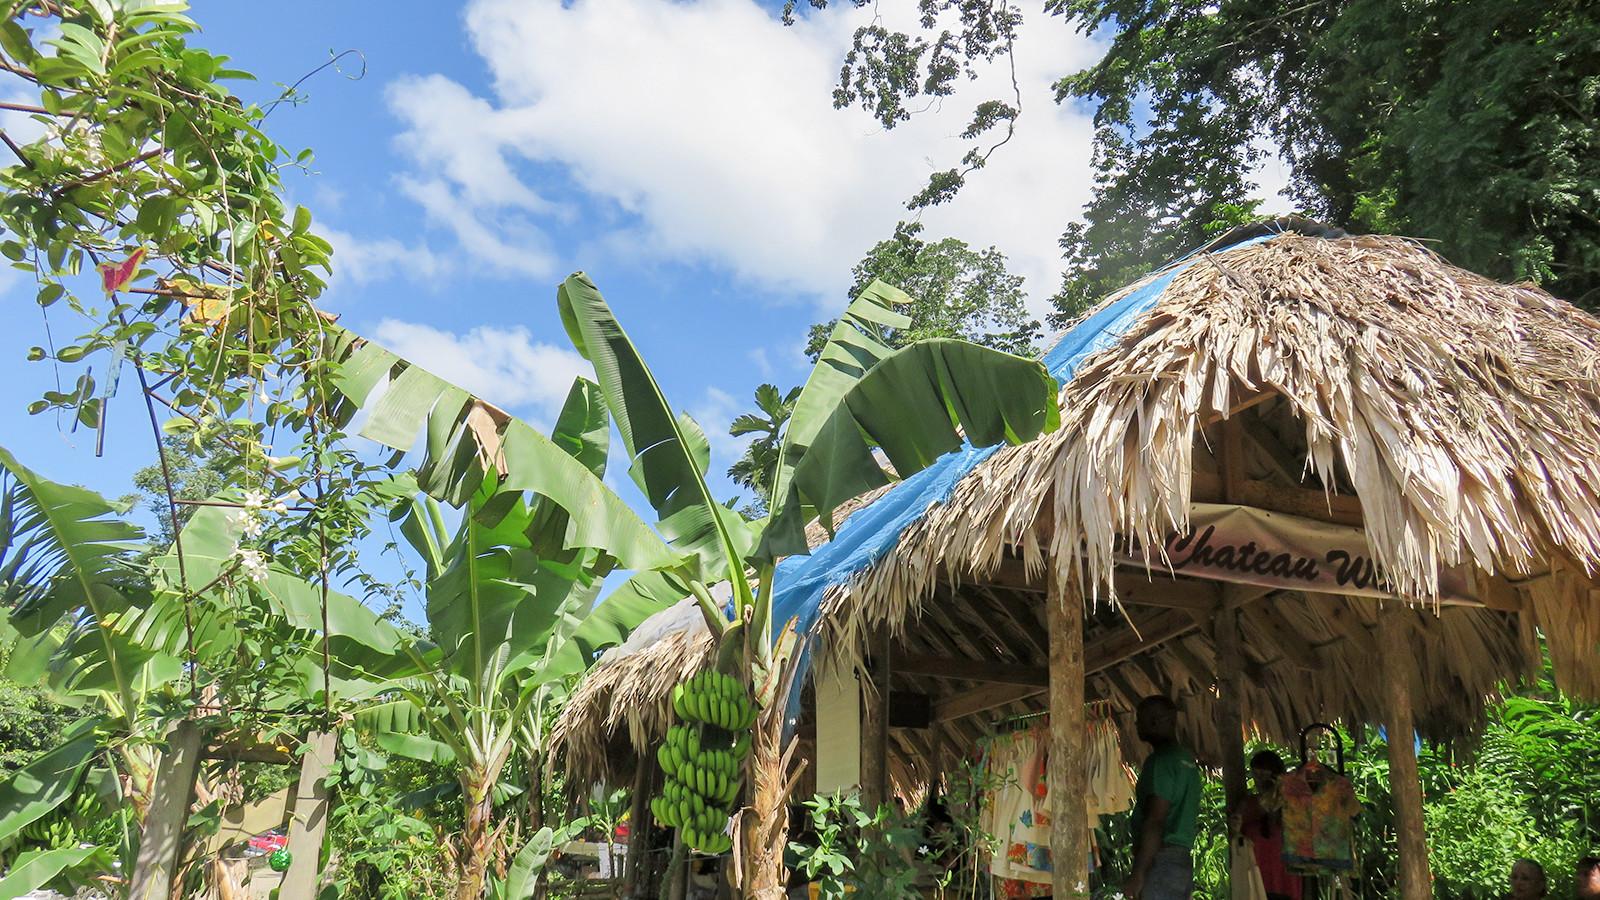 San Antonio Green Market Destination Trinidad And Tobago